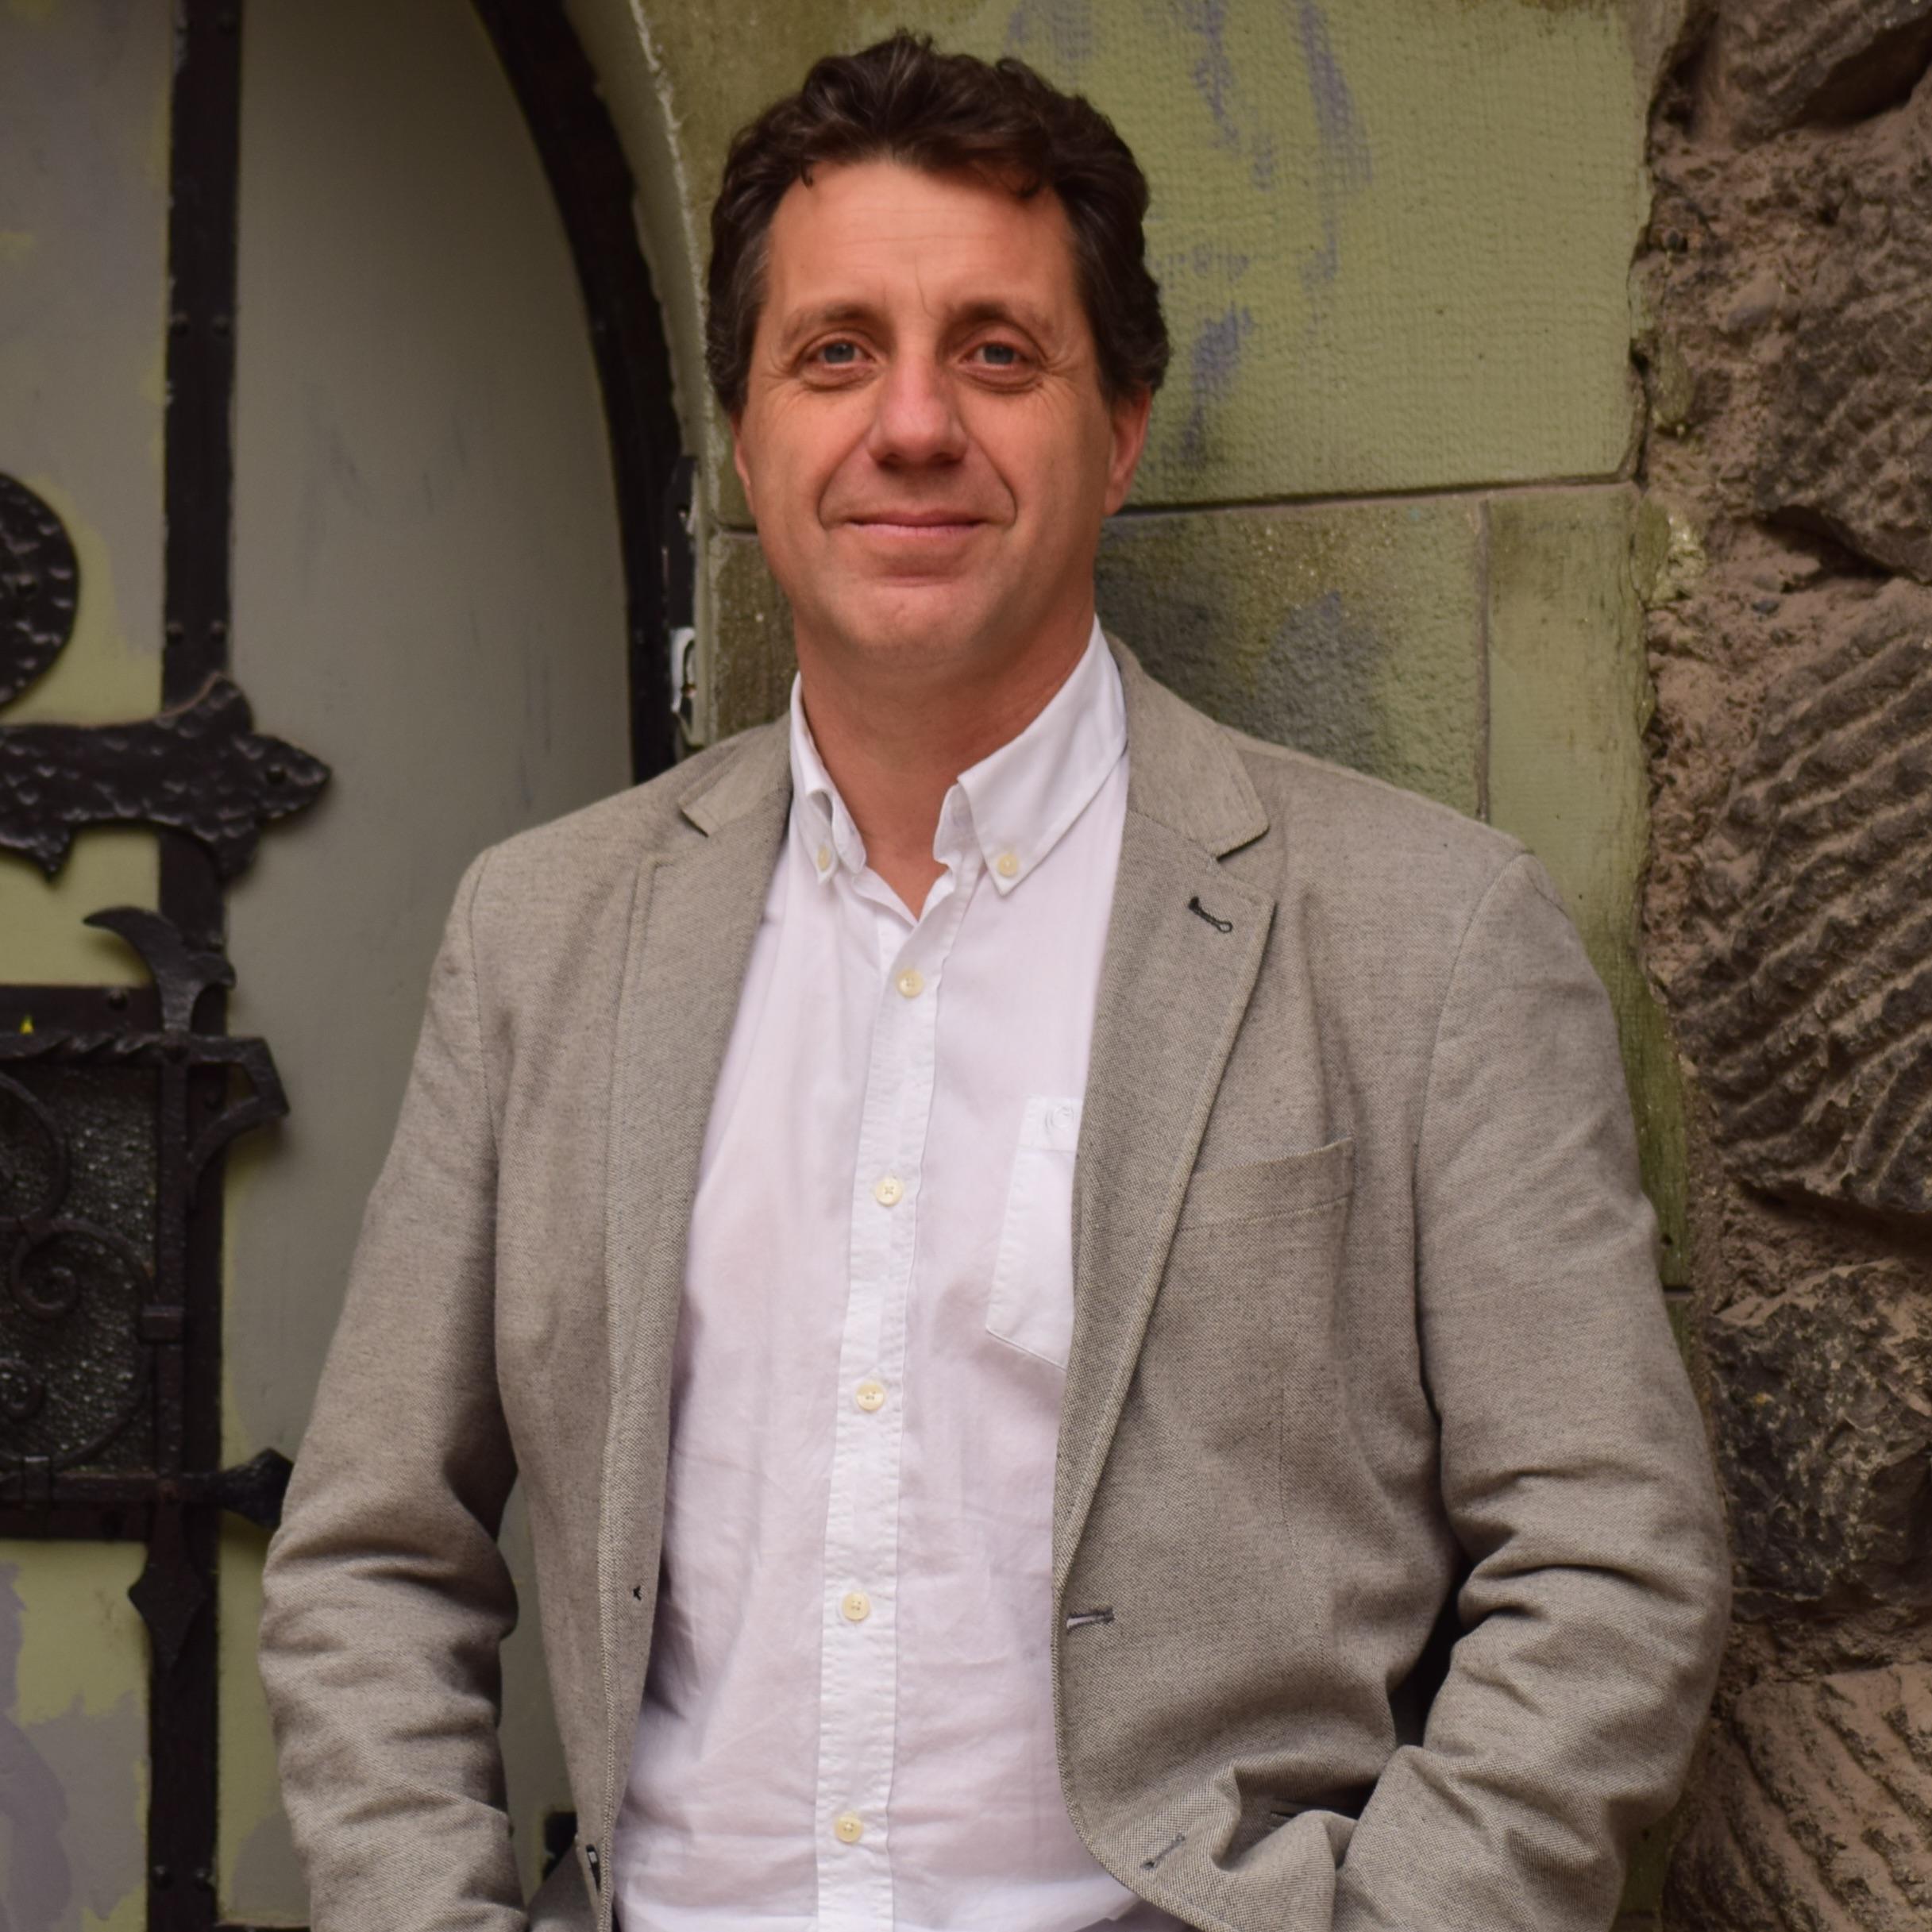 Mauricio Weibel Barahona